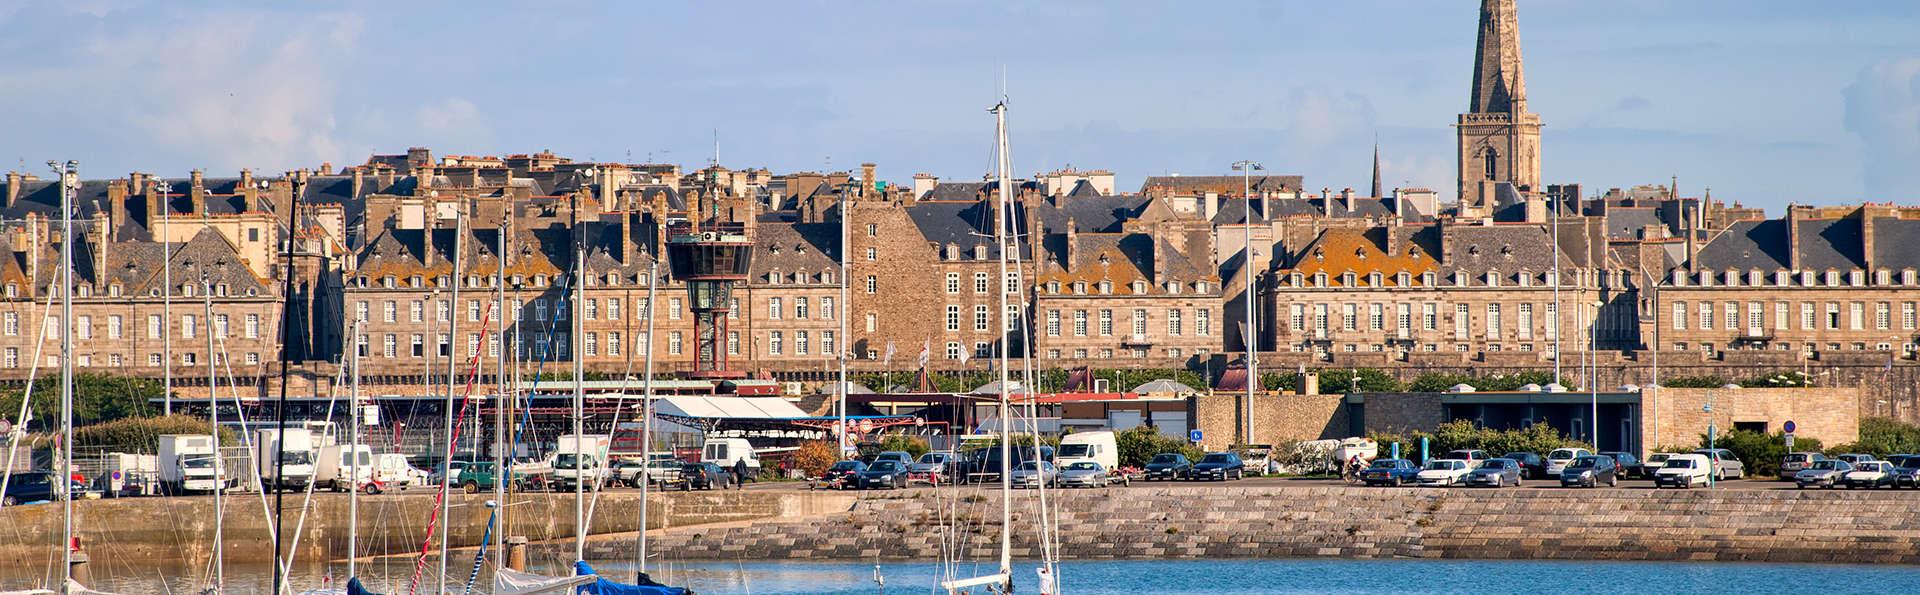 Séjour en famille dans la cité corsaire de Saint-Malo (à partir de 7 nuits)